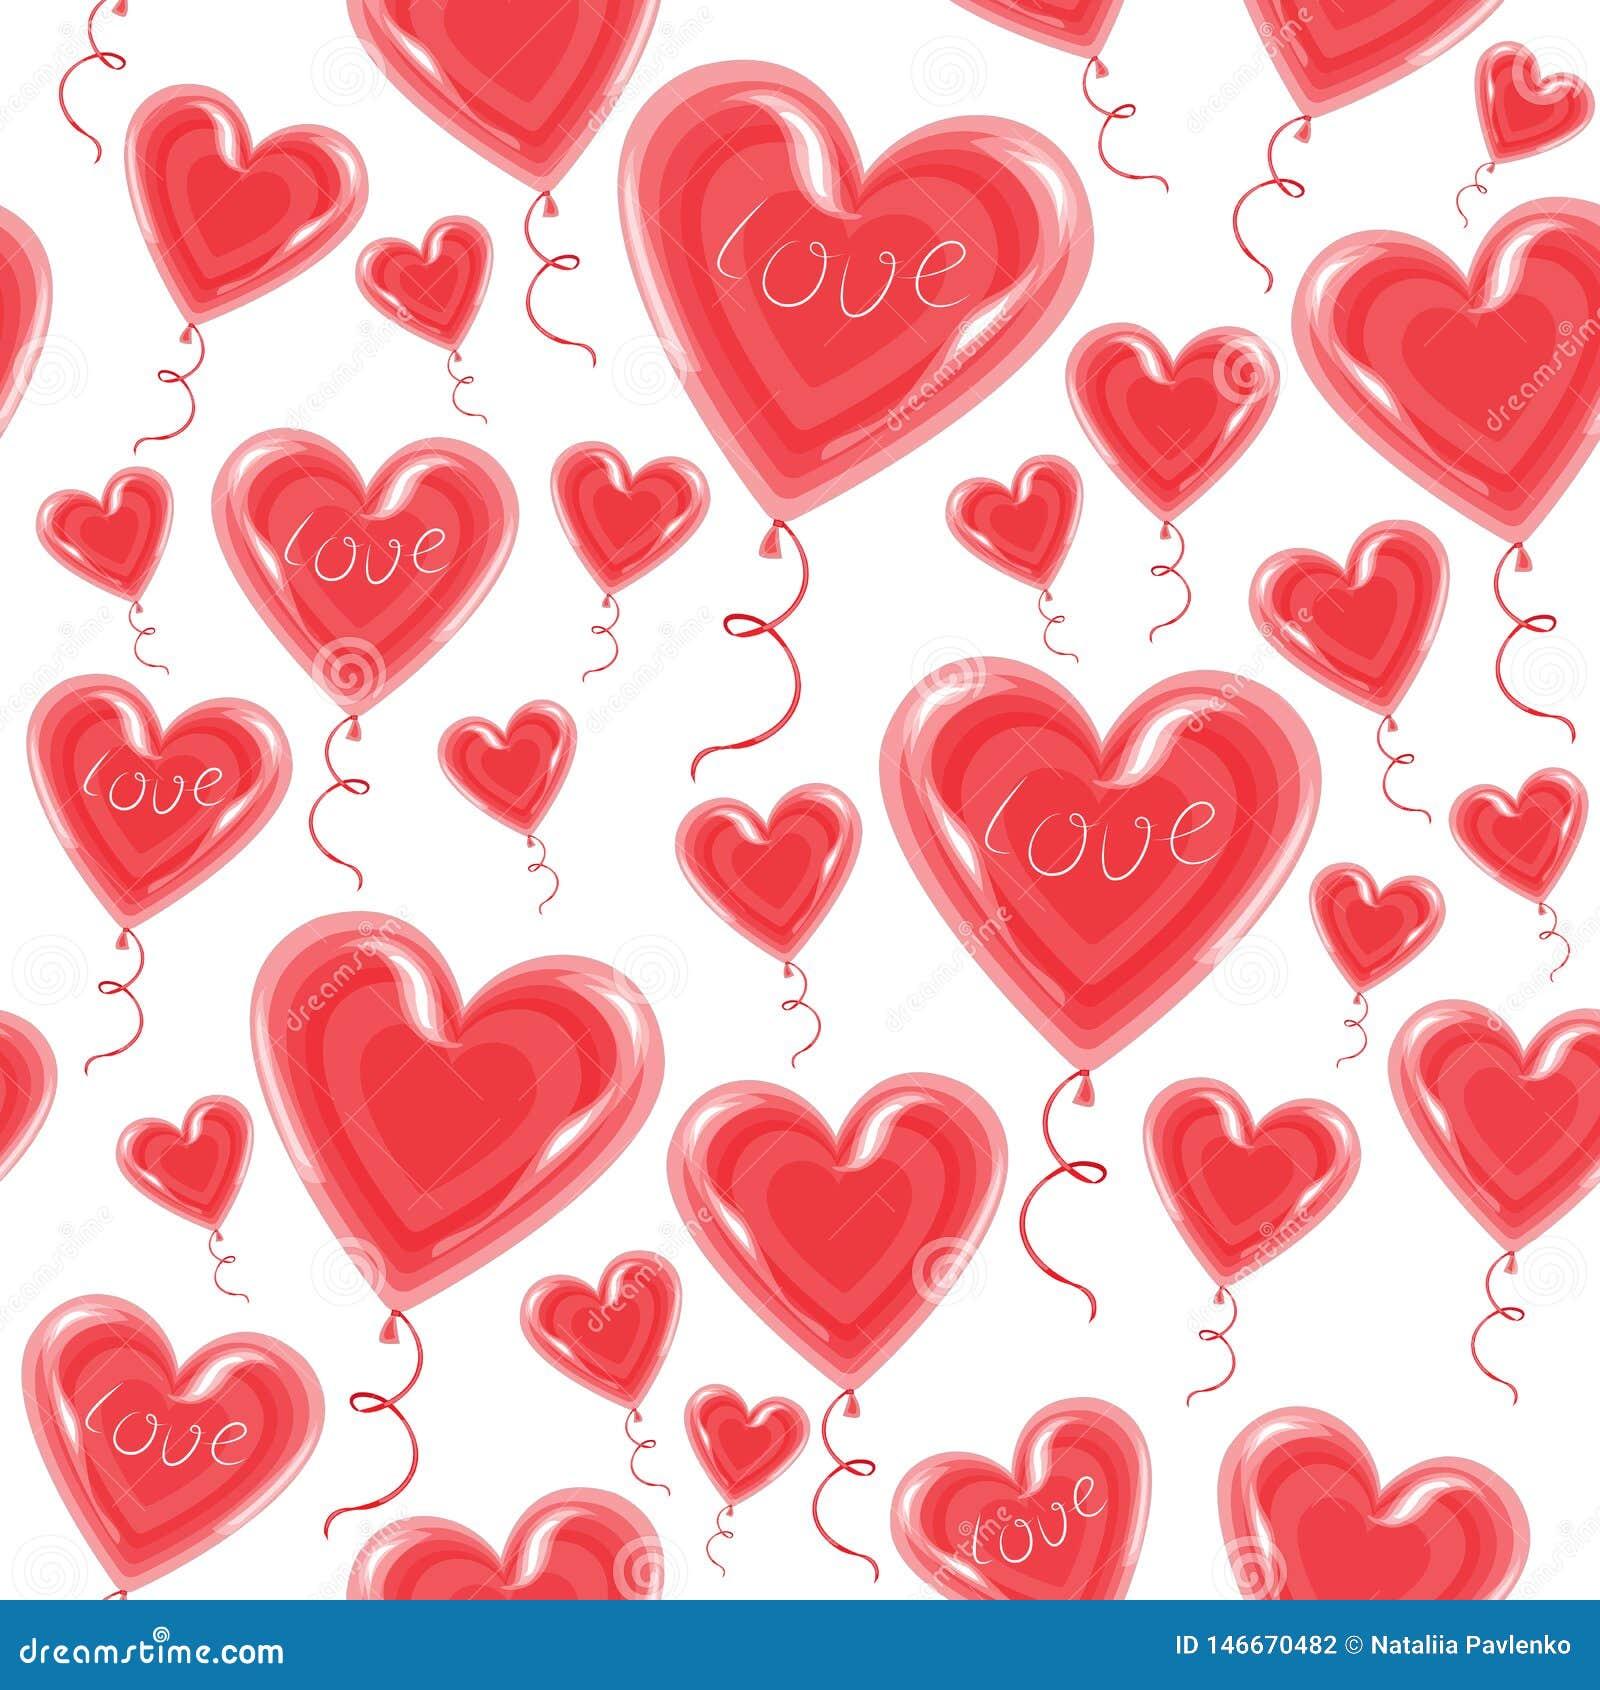 Balões de ar na forma de uma mosca cardíaca no céu Um símbolo de amor e amantes Dia dos Namorados Ilustração vetorial